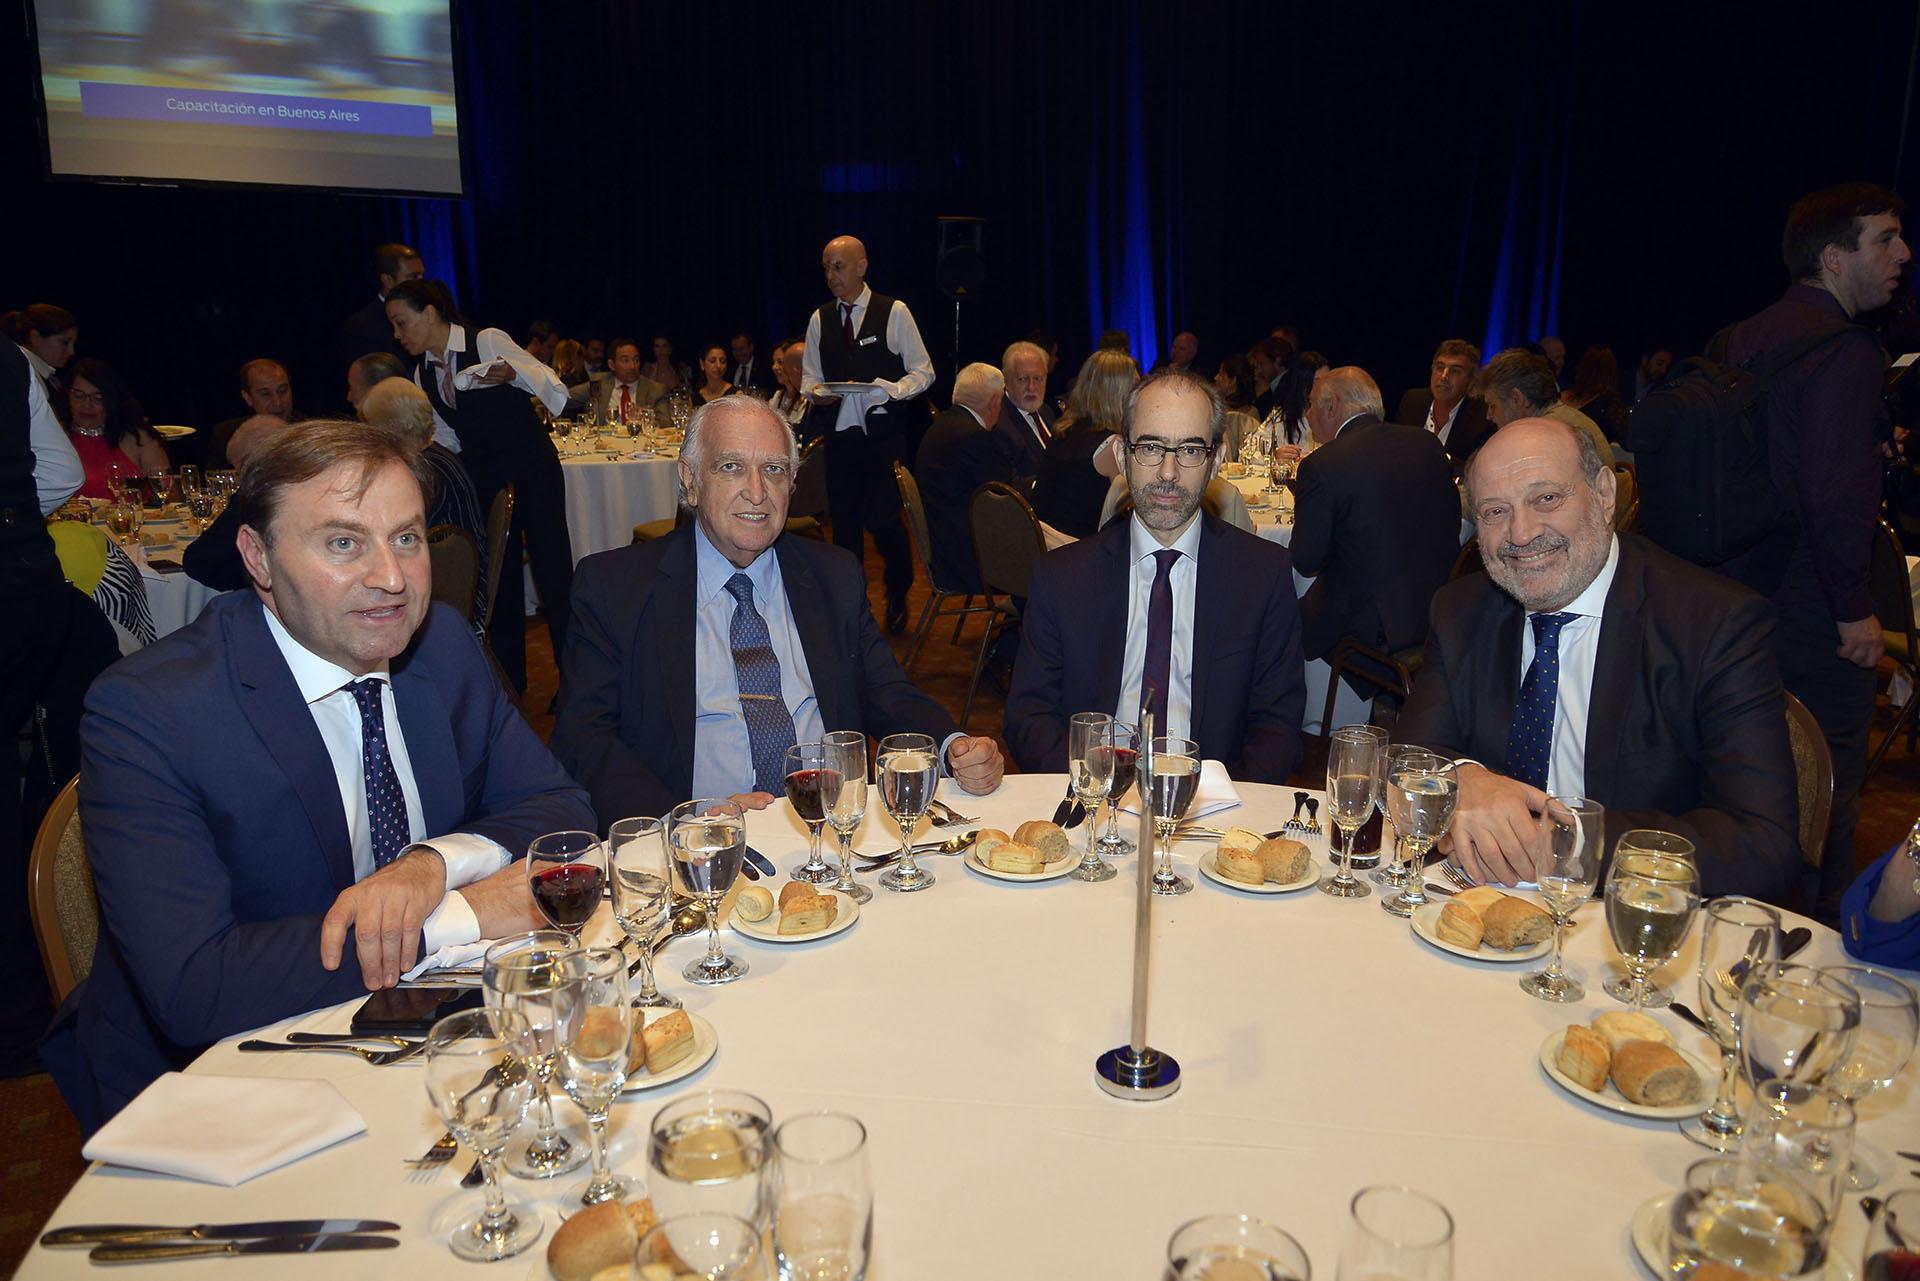 El gerente de Noticias de la TV Pública Néstor Sclauzero; Ricardo Gil Lavedra; el director periodístico de Editorial Perfil, Gustavo González; Alfredo Leuco